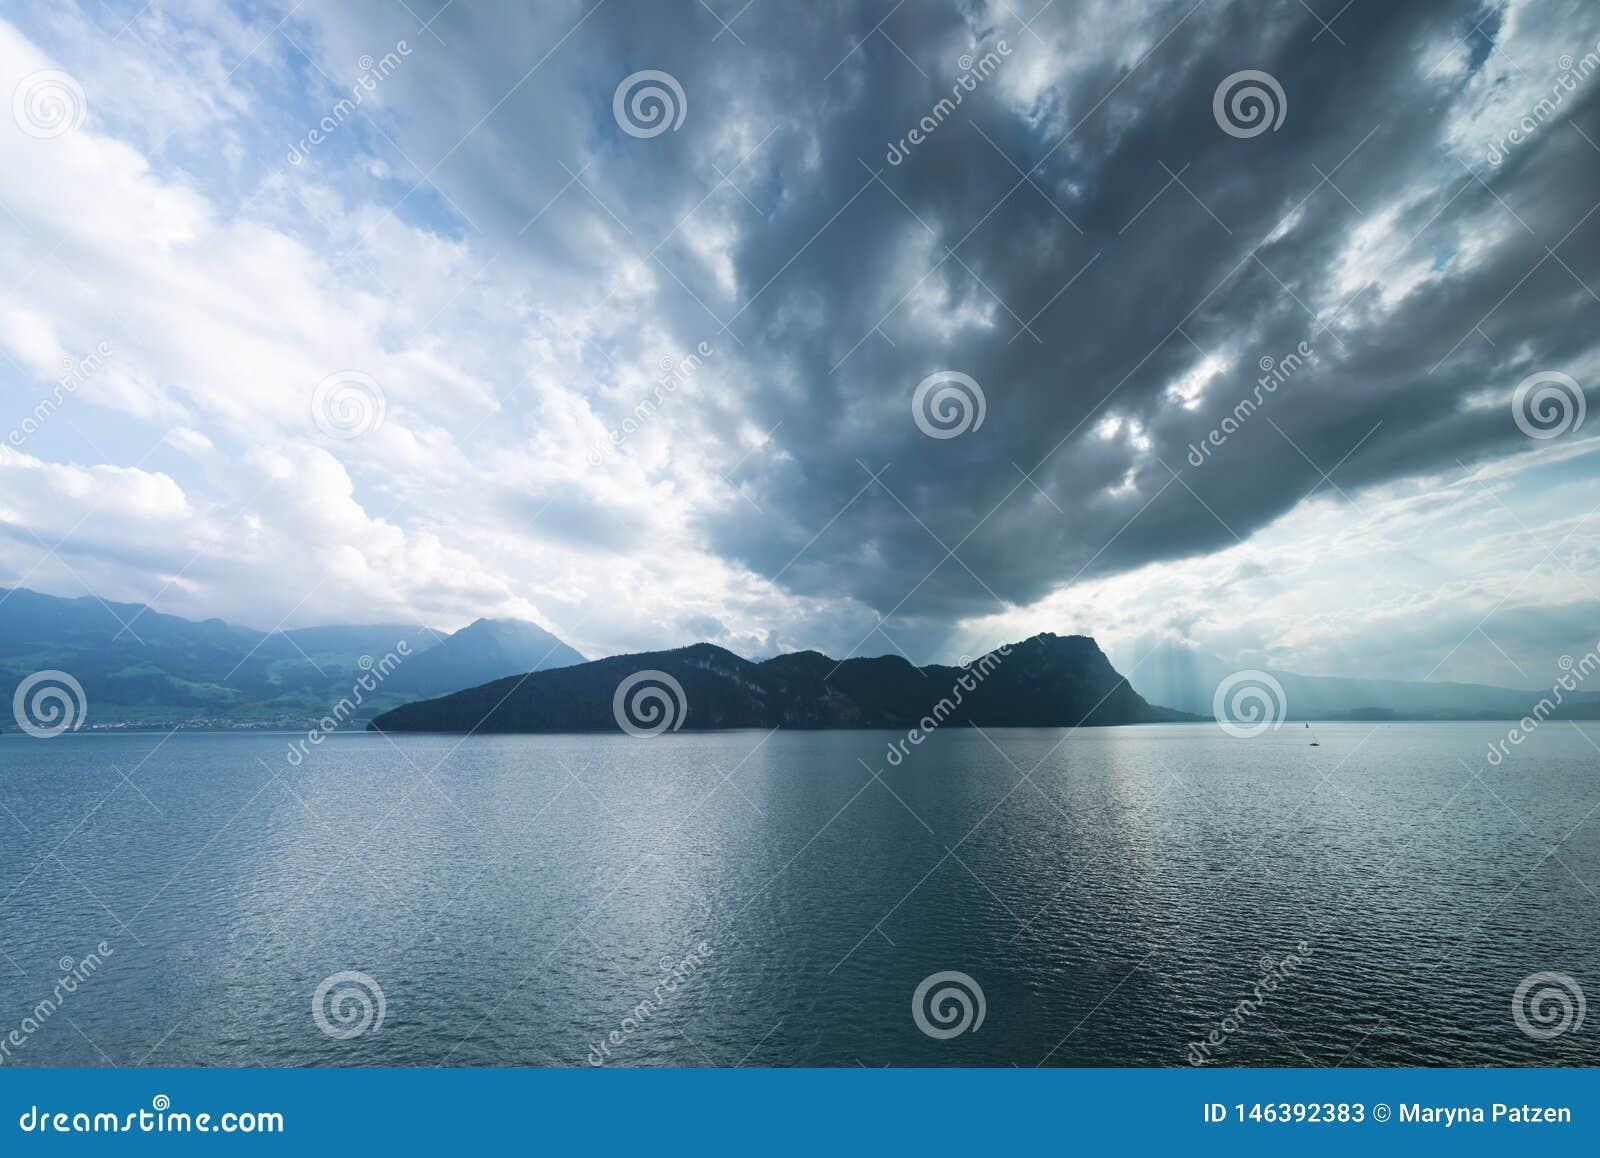 Λίμνη Λουκέρνη στην Ελβετία Συννεφιασμένος